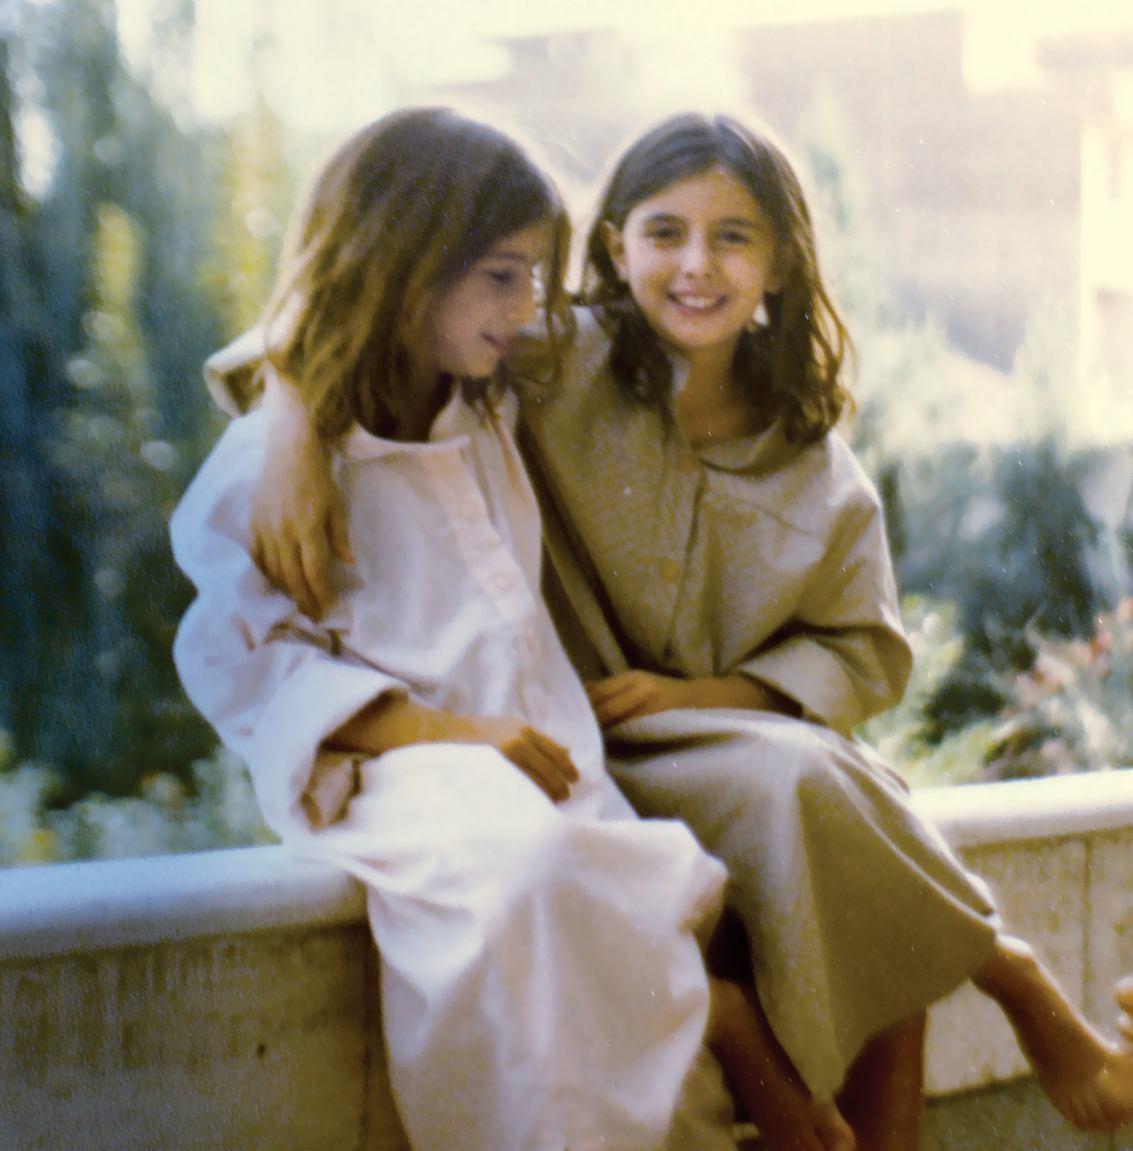 16 8 26 204019photo 2016 03 23 20 08 45 - دو تصویر از لیلا حاتمی و لیلی رشیدی در روزهای خوش کودکی و غم فراق پدر